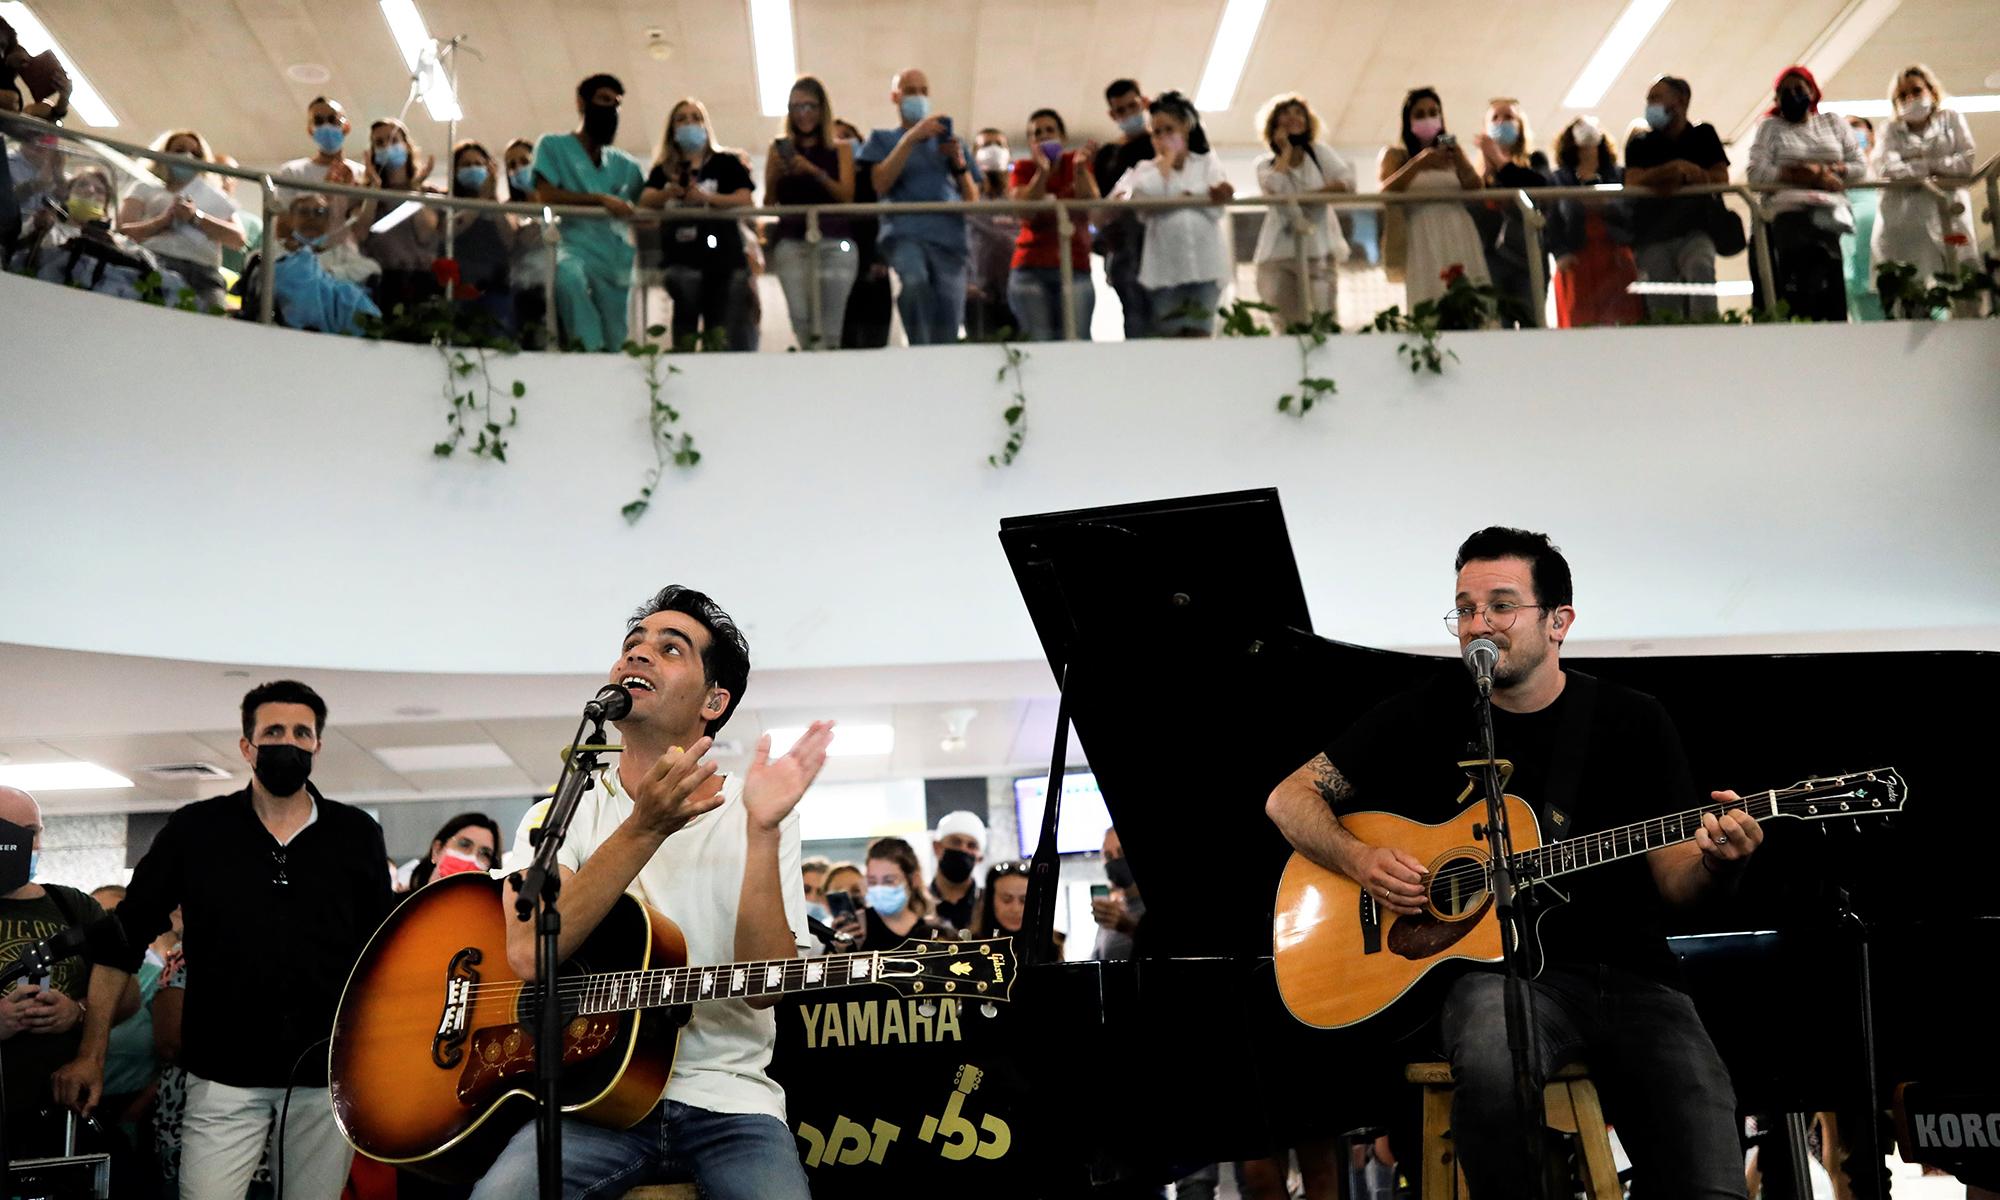 Một bệnh viện ở Tel Aviv, Israel, tổ chức buổi biểu diễn ăn mừng việc gỡ bỏ các lệnh hạn chế vì Covid-19 hôm 1/6. Ảnh: Reuters.